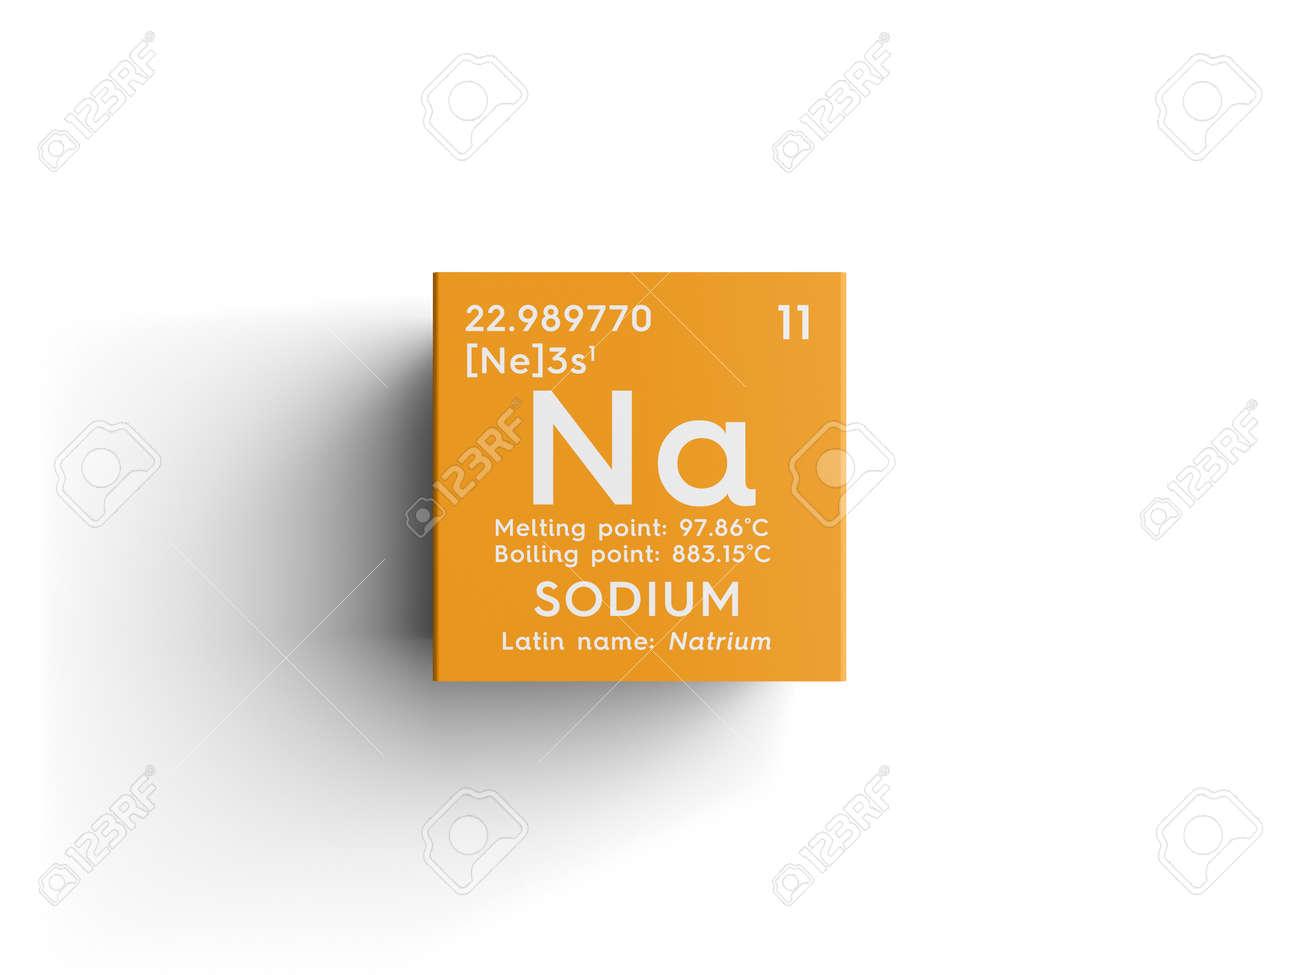 Sodio natrium metales alcalinos elemento qumico de la tabla foto de archivo sodio natrium metales alcalinos elemento qumico de la tabla peridica de mendeleev sodio en un cubo cuadrado concepto creativo urtaz Image collections